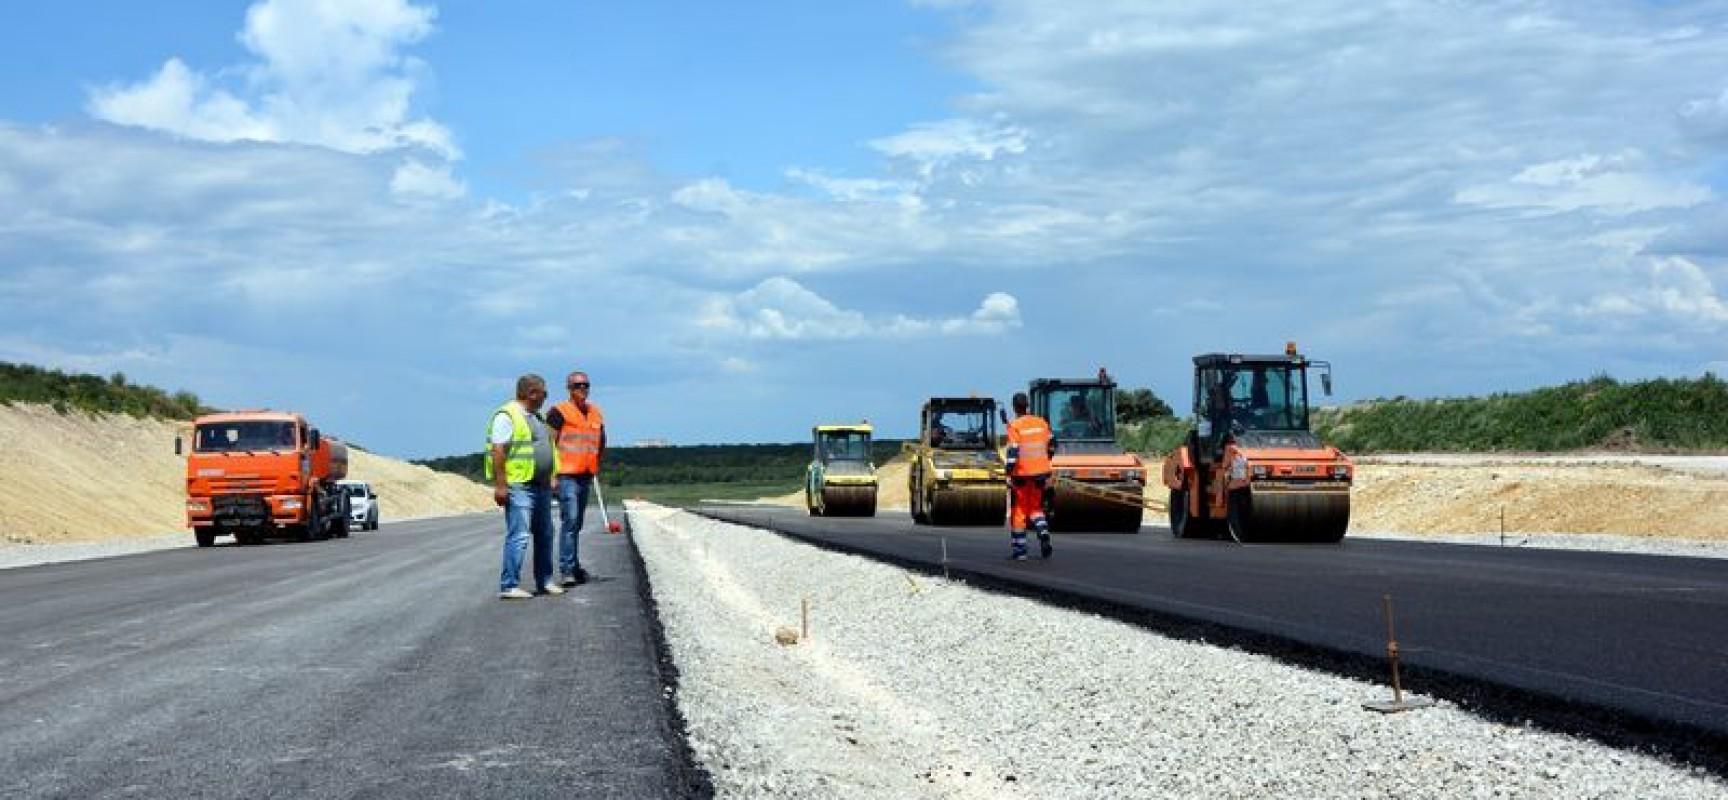 Строители начали асфальтировать трассу Дубки-Левадки